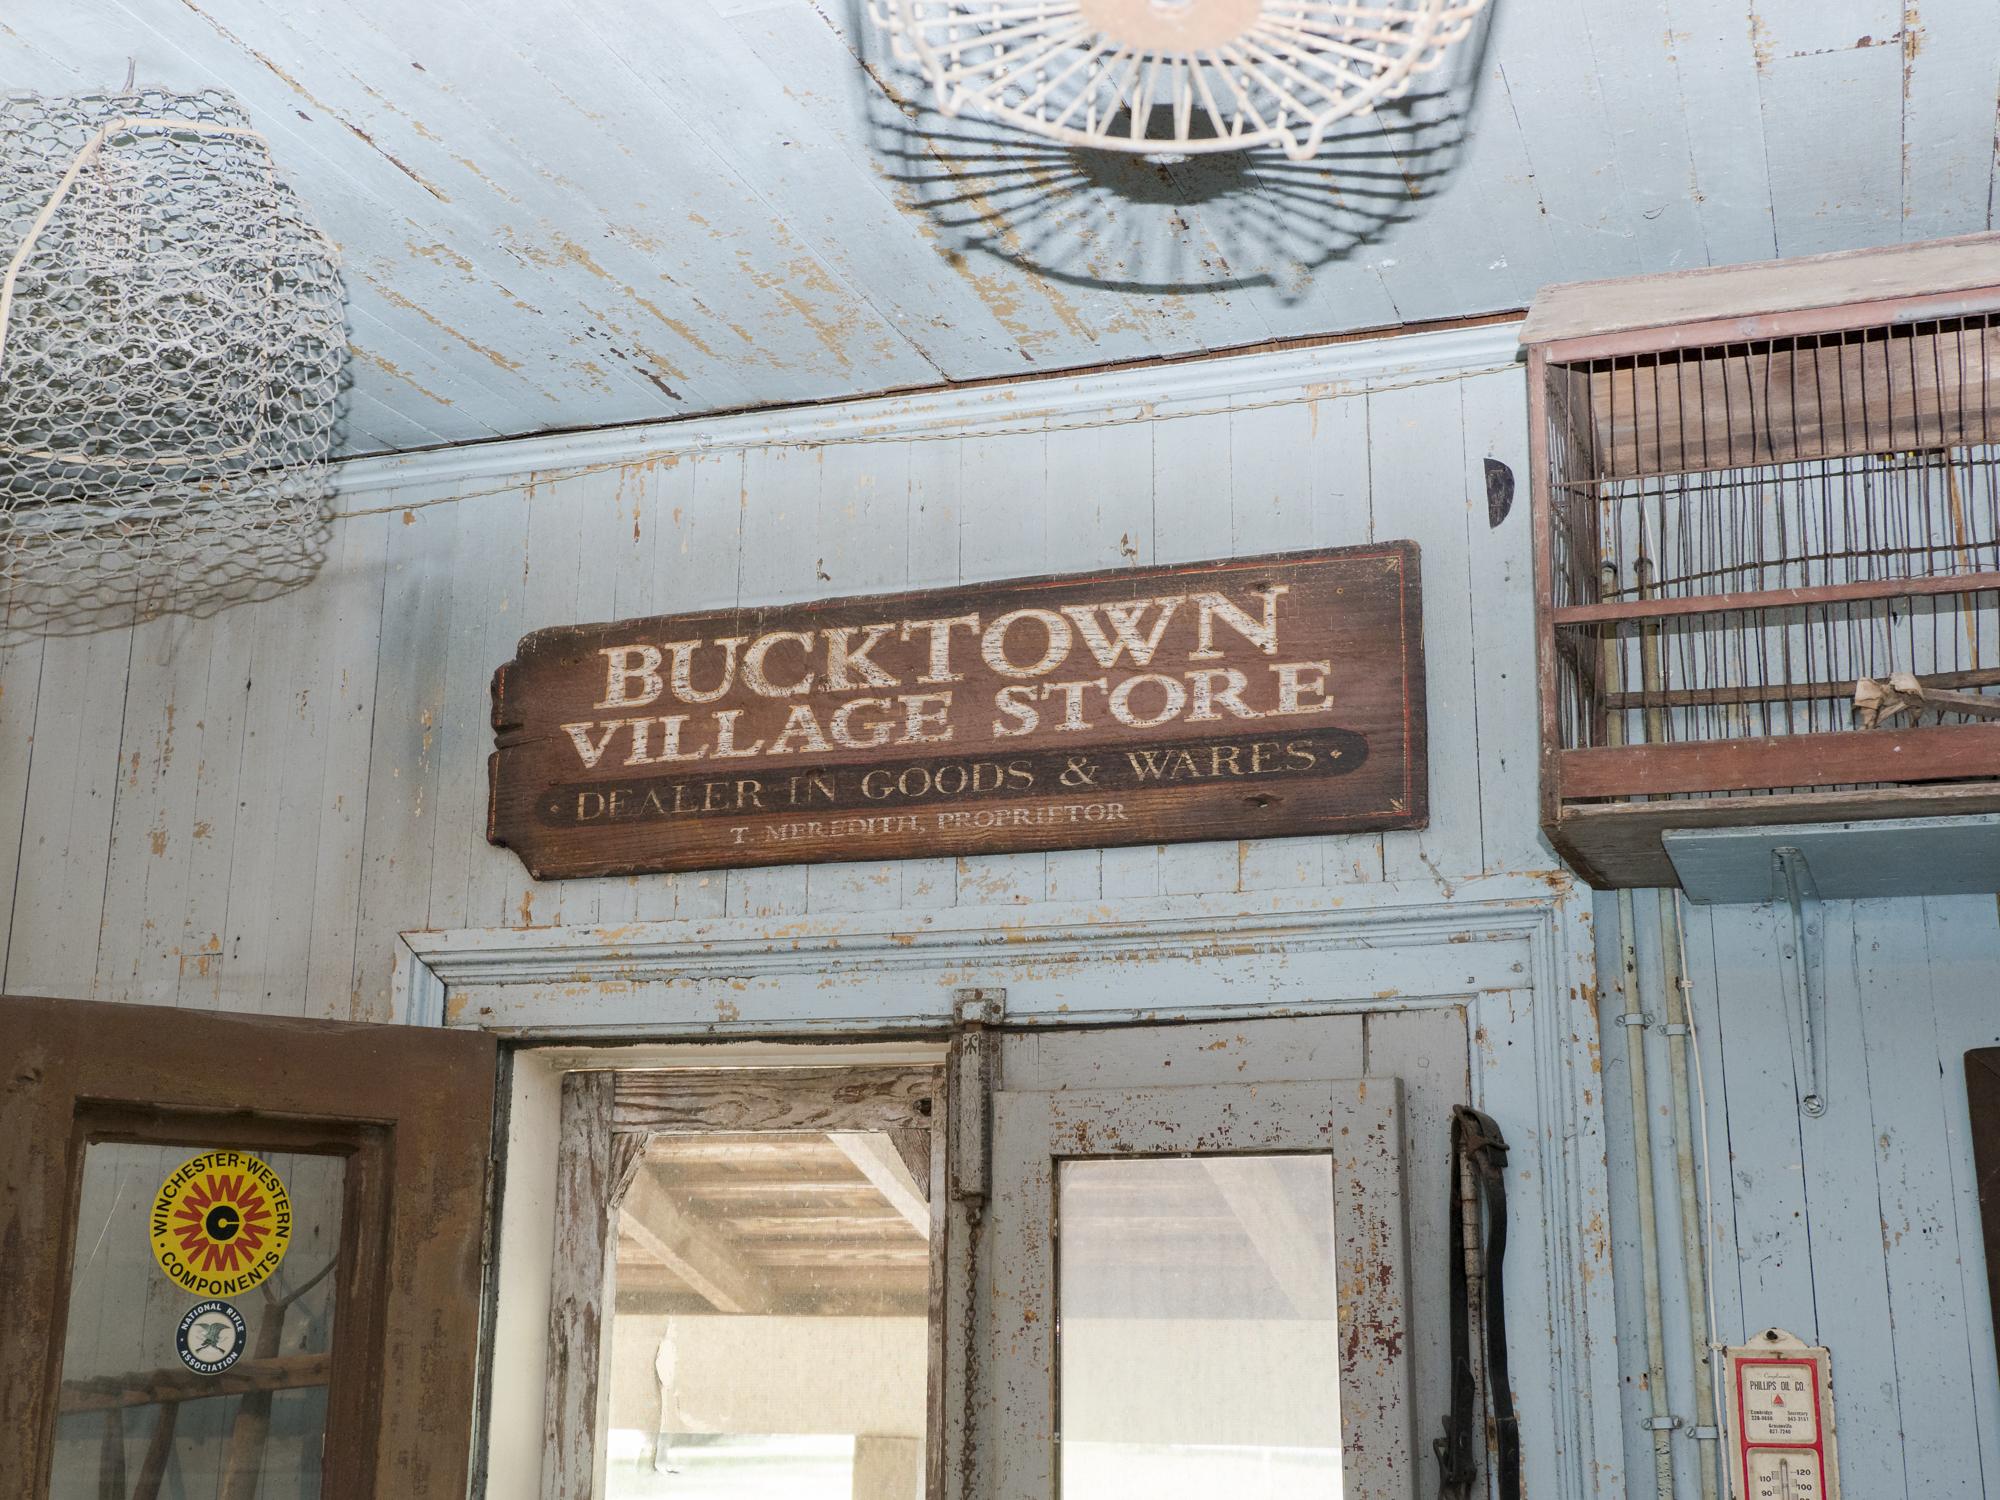 Interior, Bucktown Store